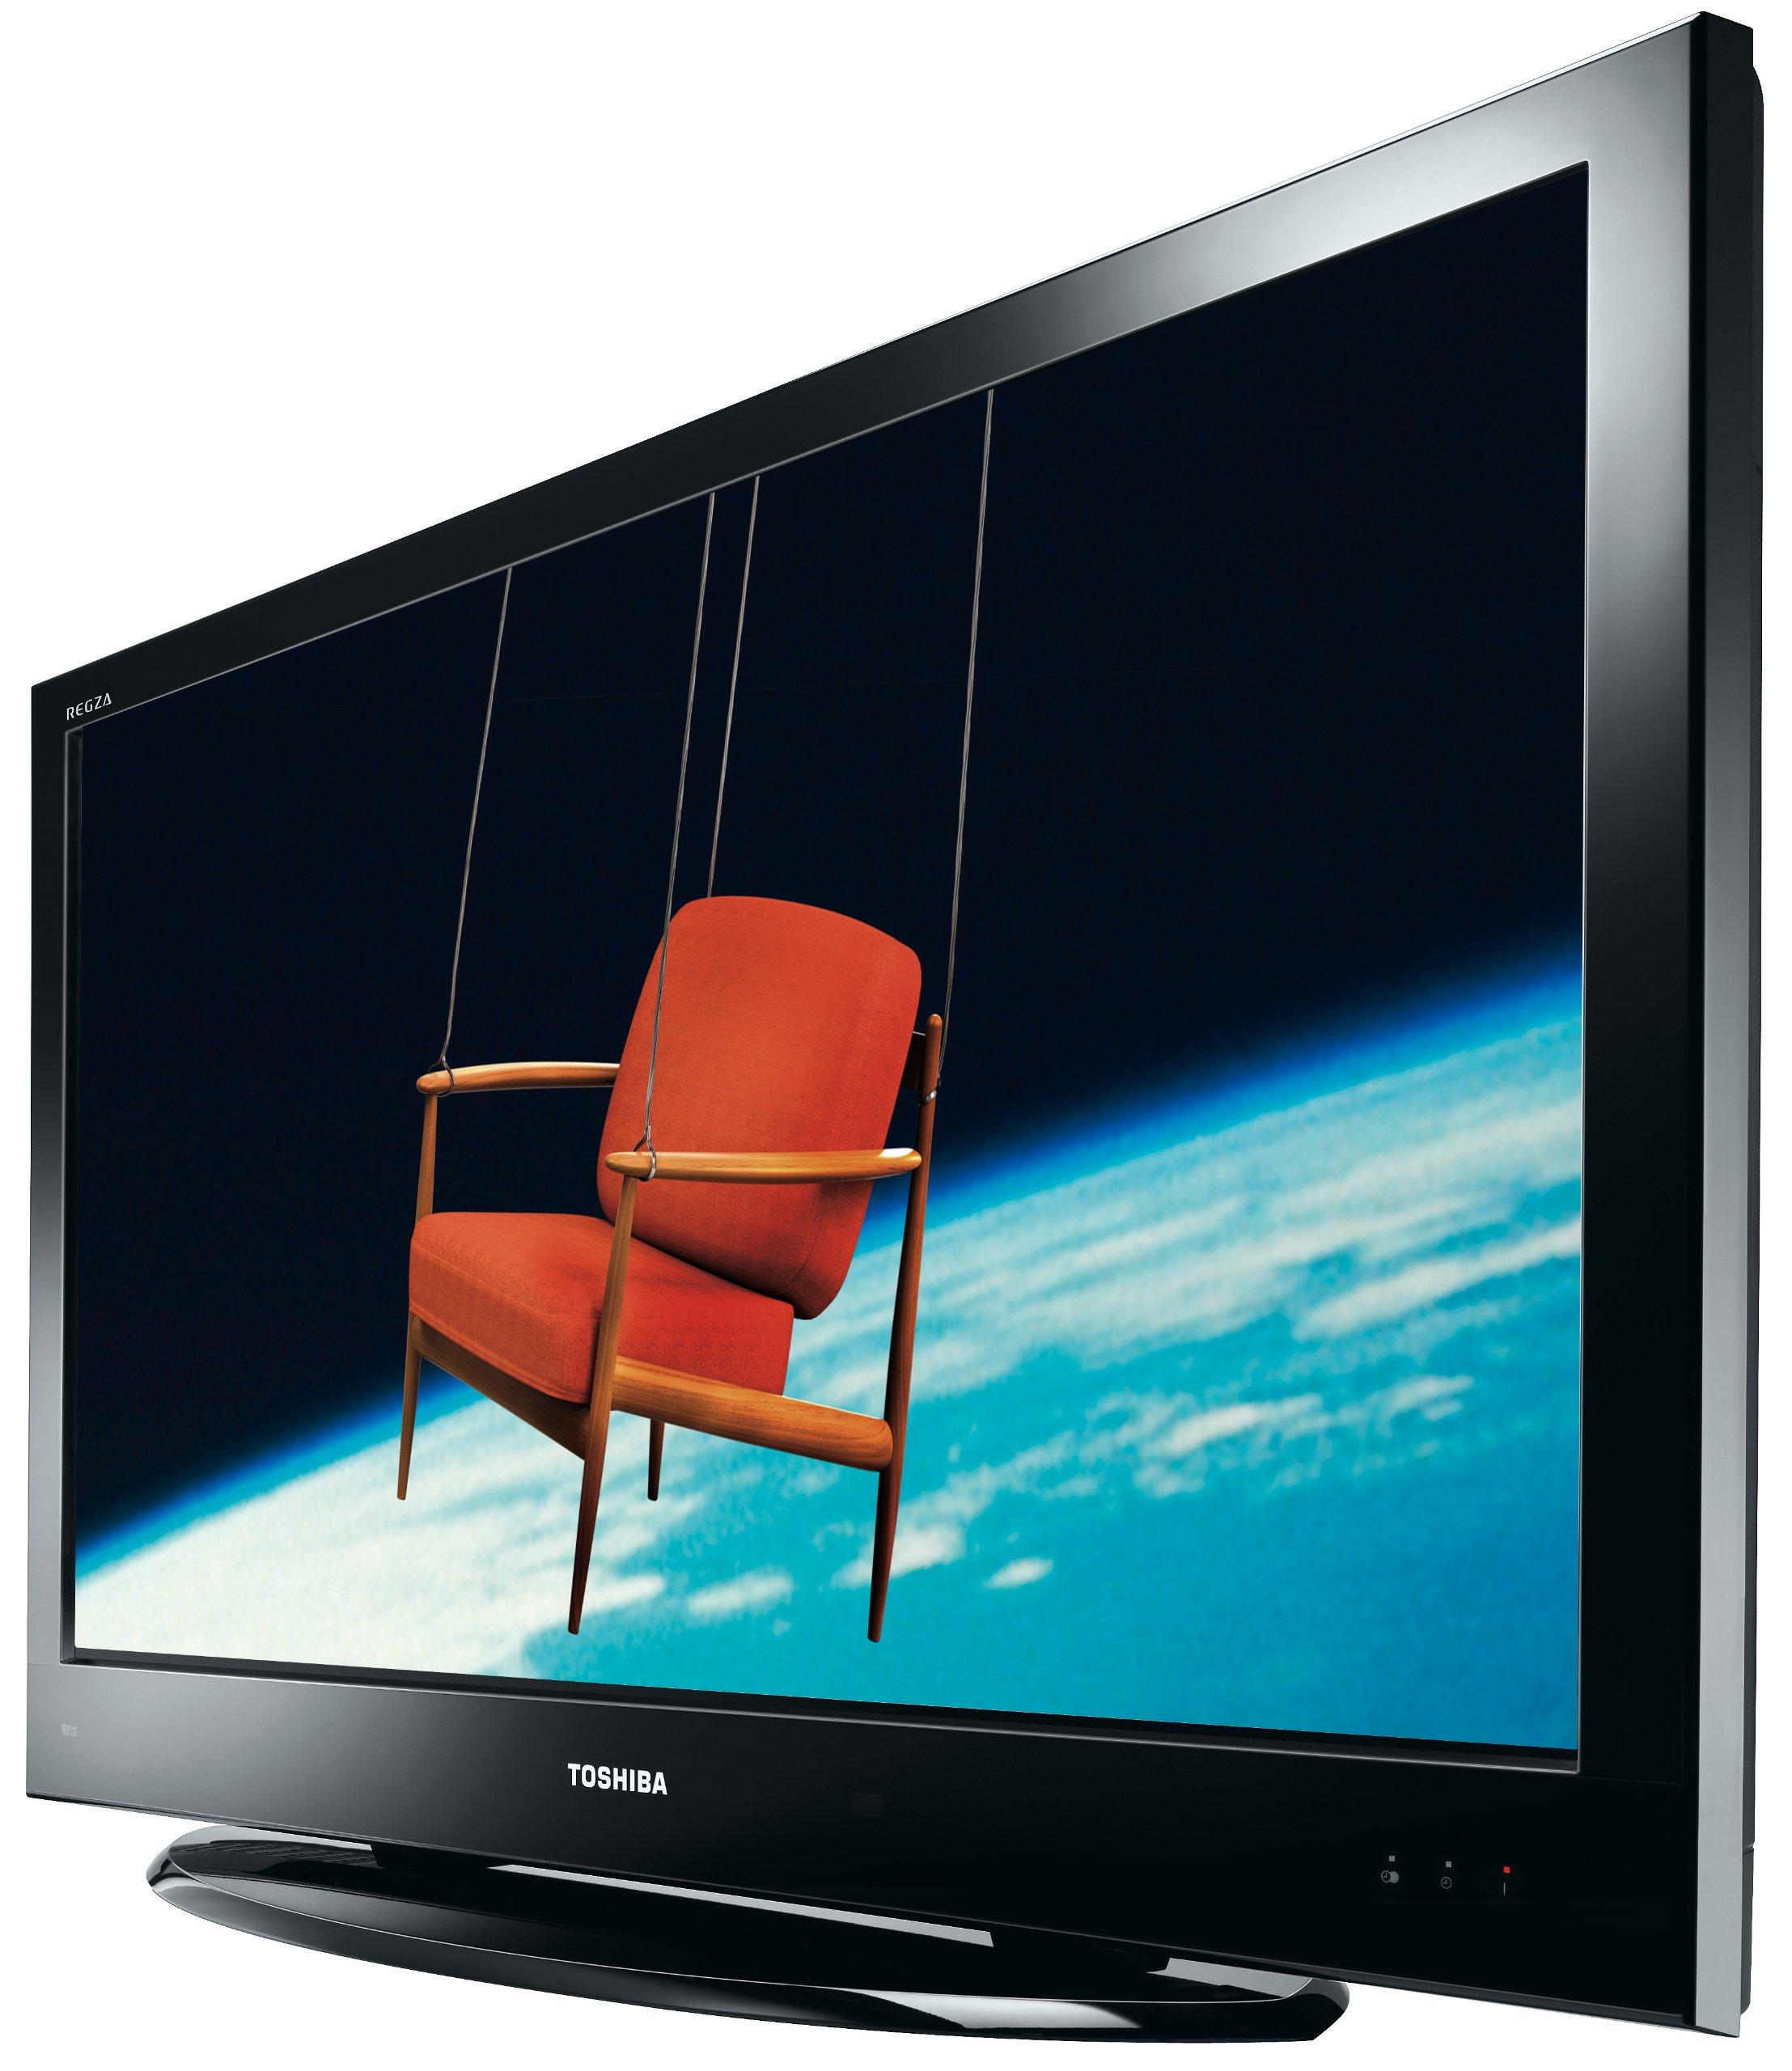 Toshiba 40 LV 685 D- Televisión Full HD, Pantalla LCD 40 pulgadas ...